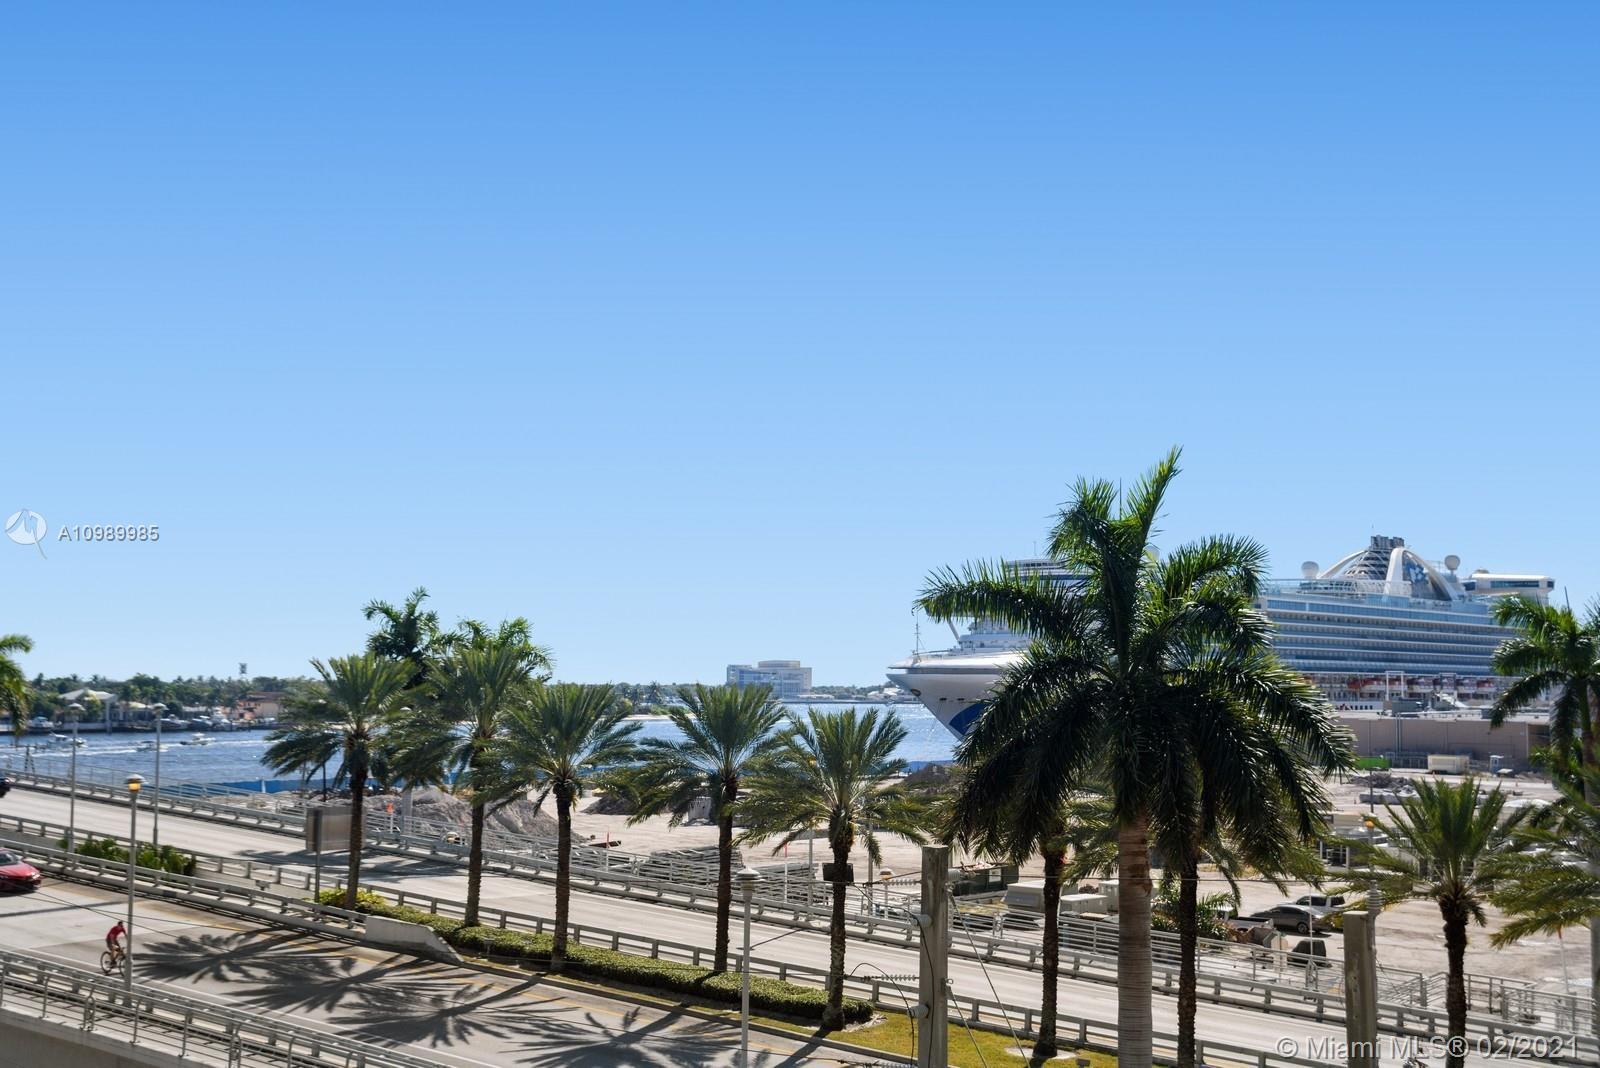 Port Condo #509 - 52 - photo